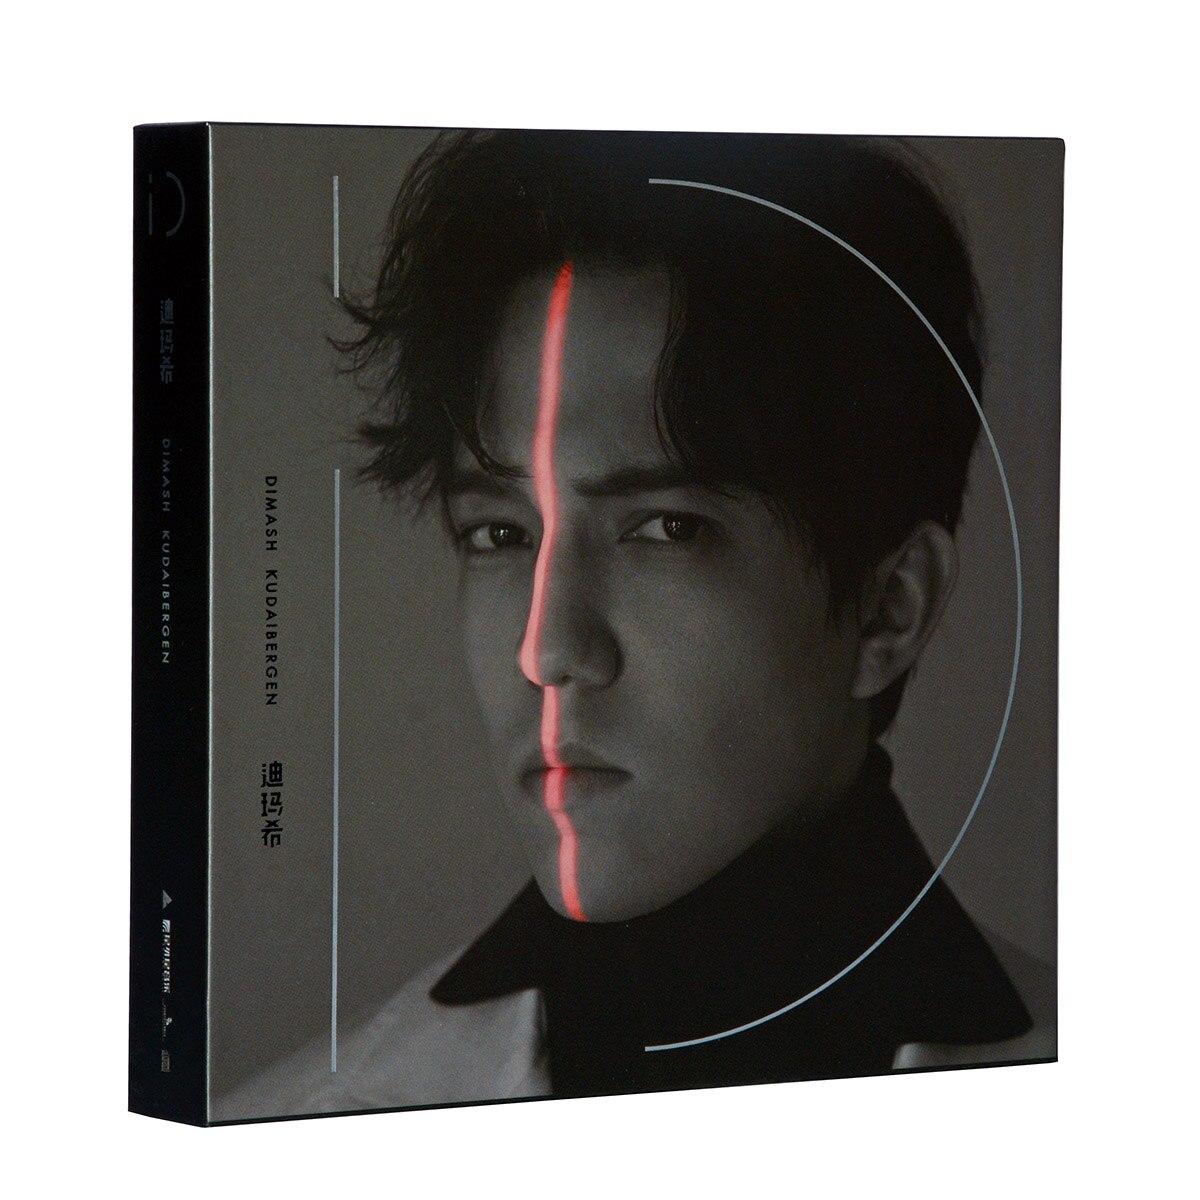 NEUE 2019 Echtem Dimash Kudaibergen 《 iD 》 2CD + Album + Offizielle Poster Musik CD Crown Dornen Auto musik